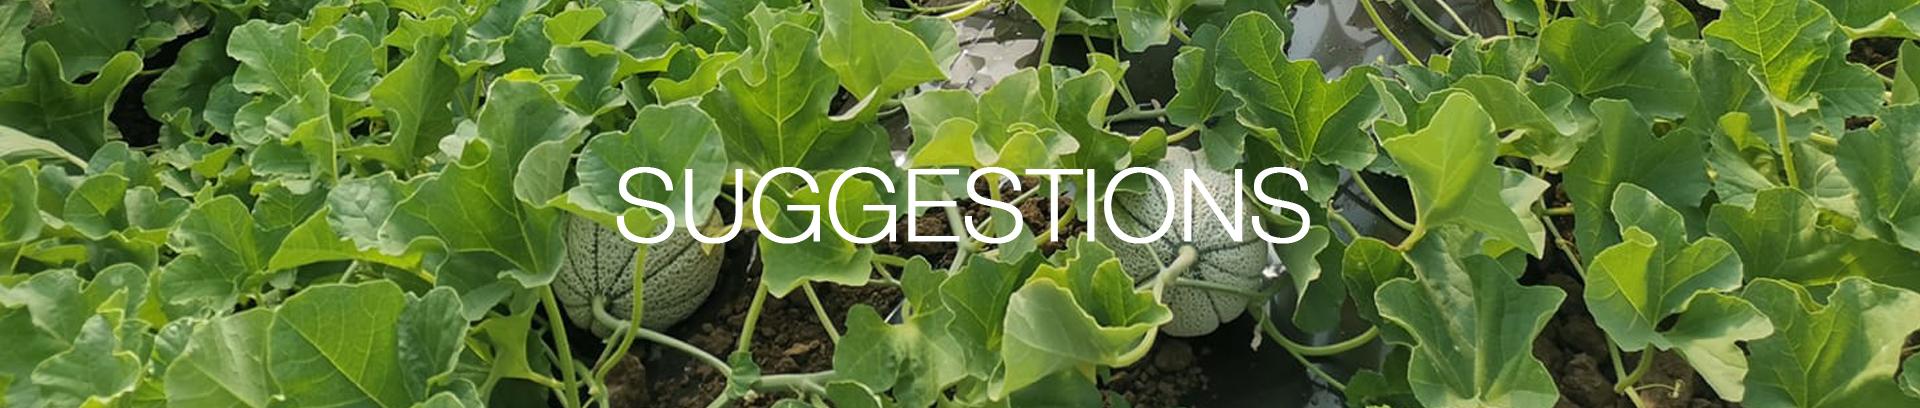 intestazione-suggestions-agroama-oranizzazione-produttori